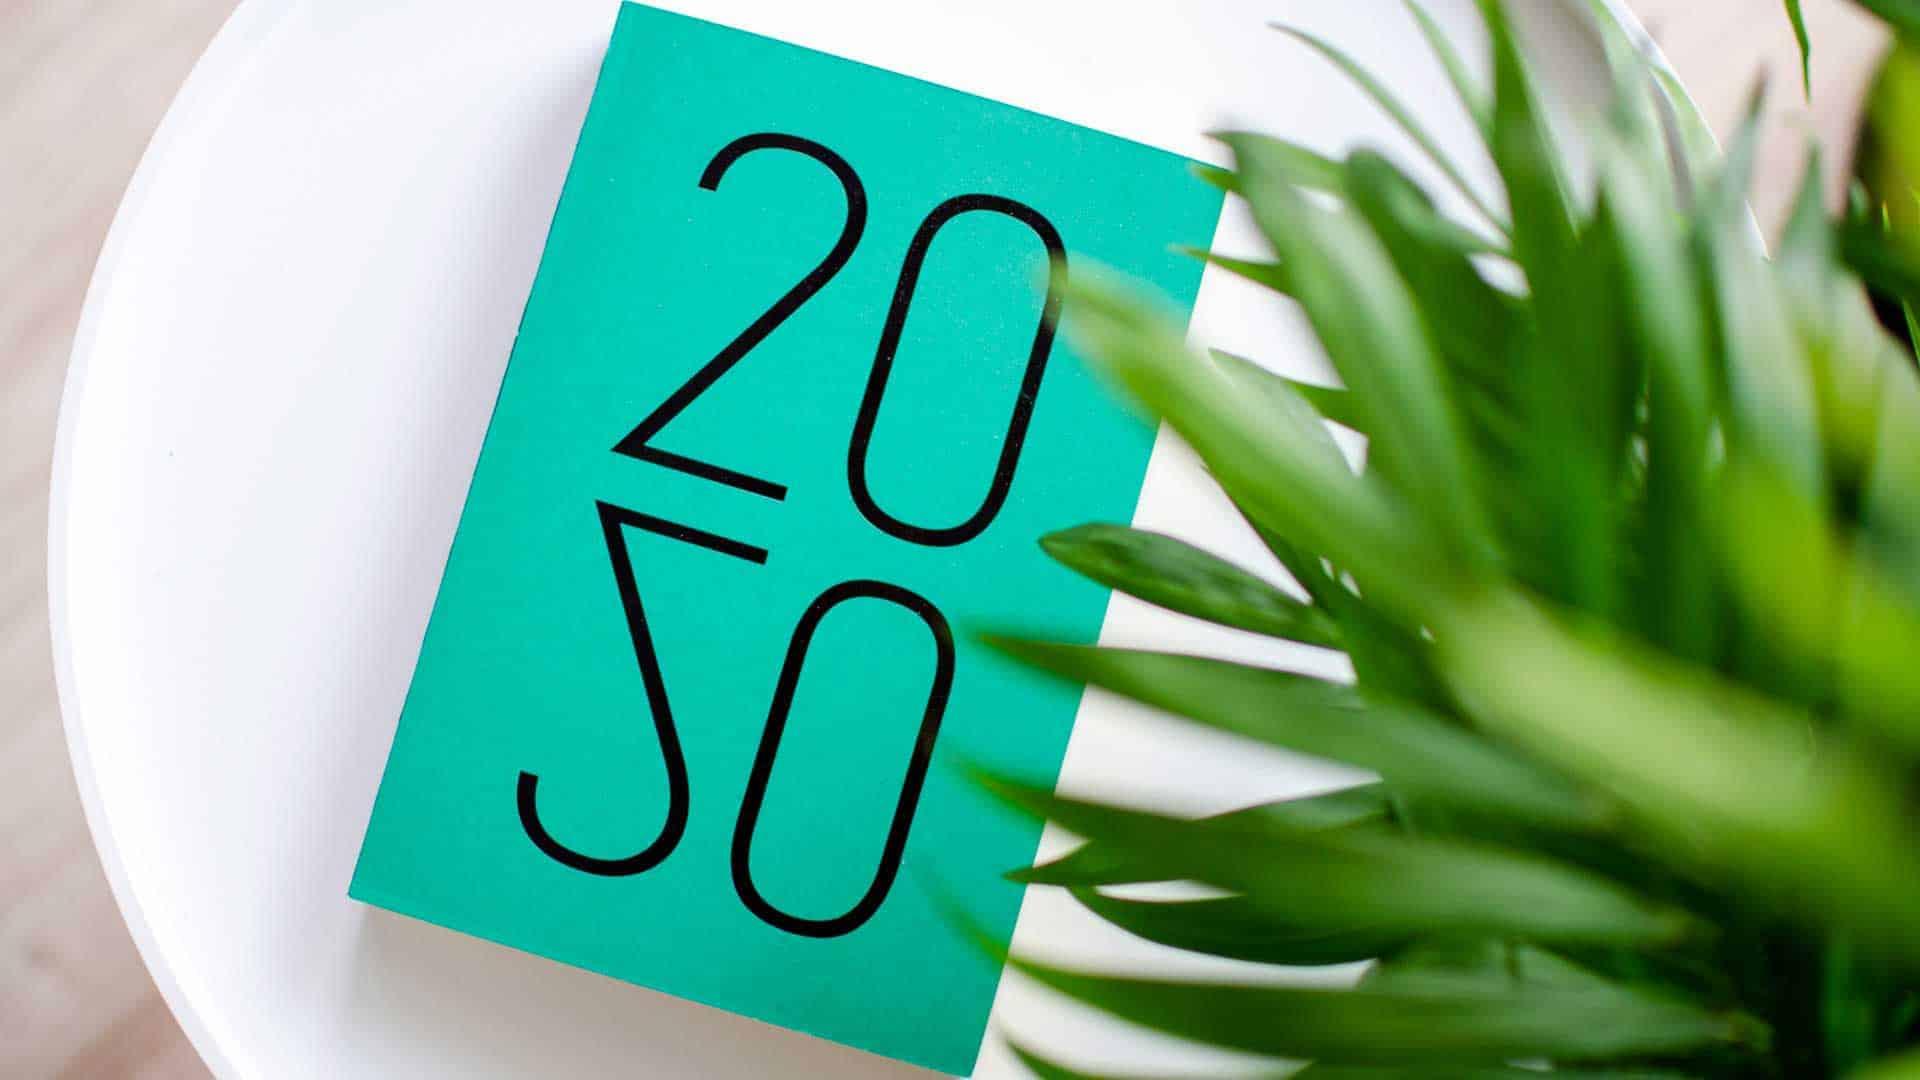 Marco Principi Coaching YouTube Video 2020